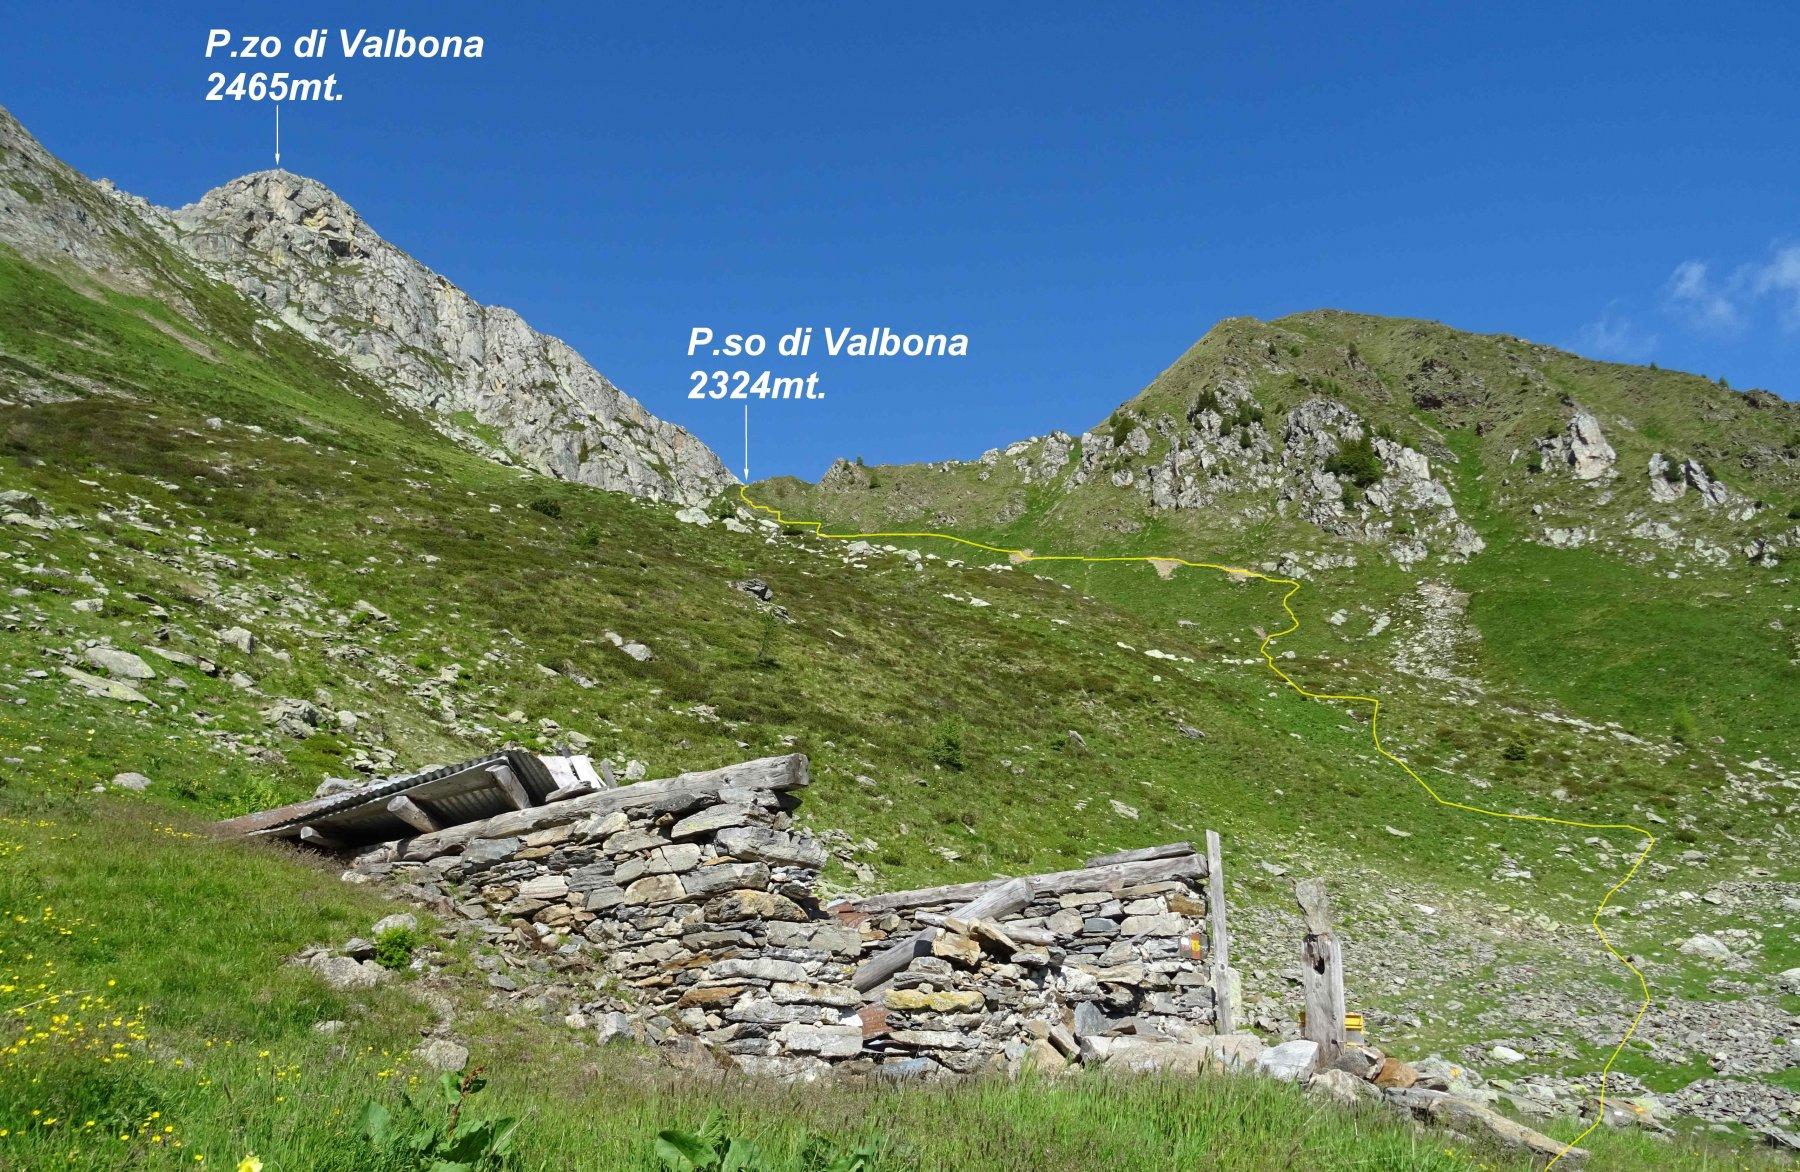 In giallo la traccia di discesa dal P.so di Valbona vista dalle Baita Gavazza 2153mt.